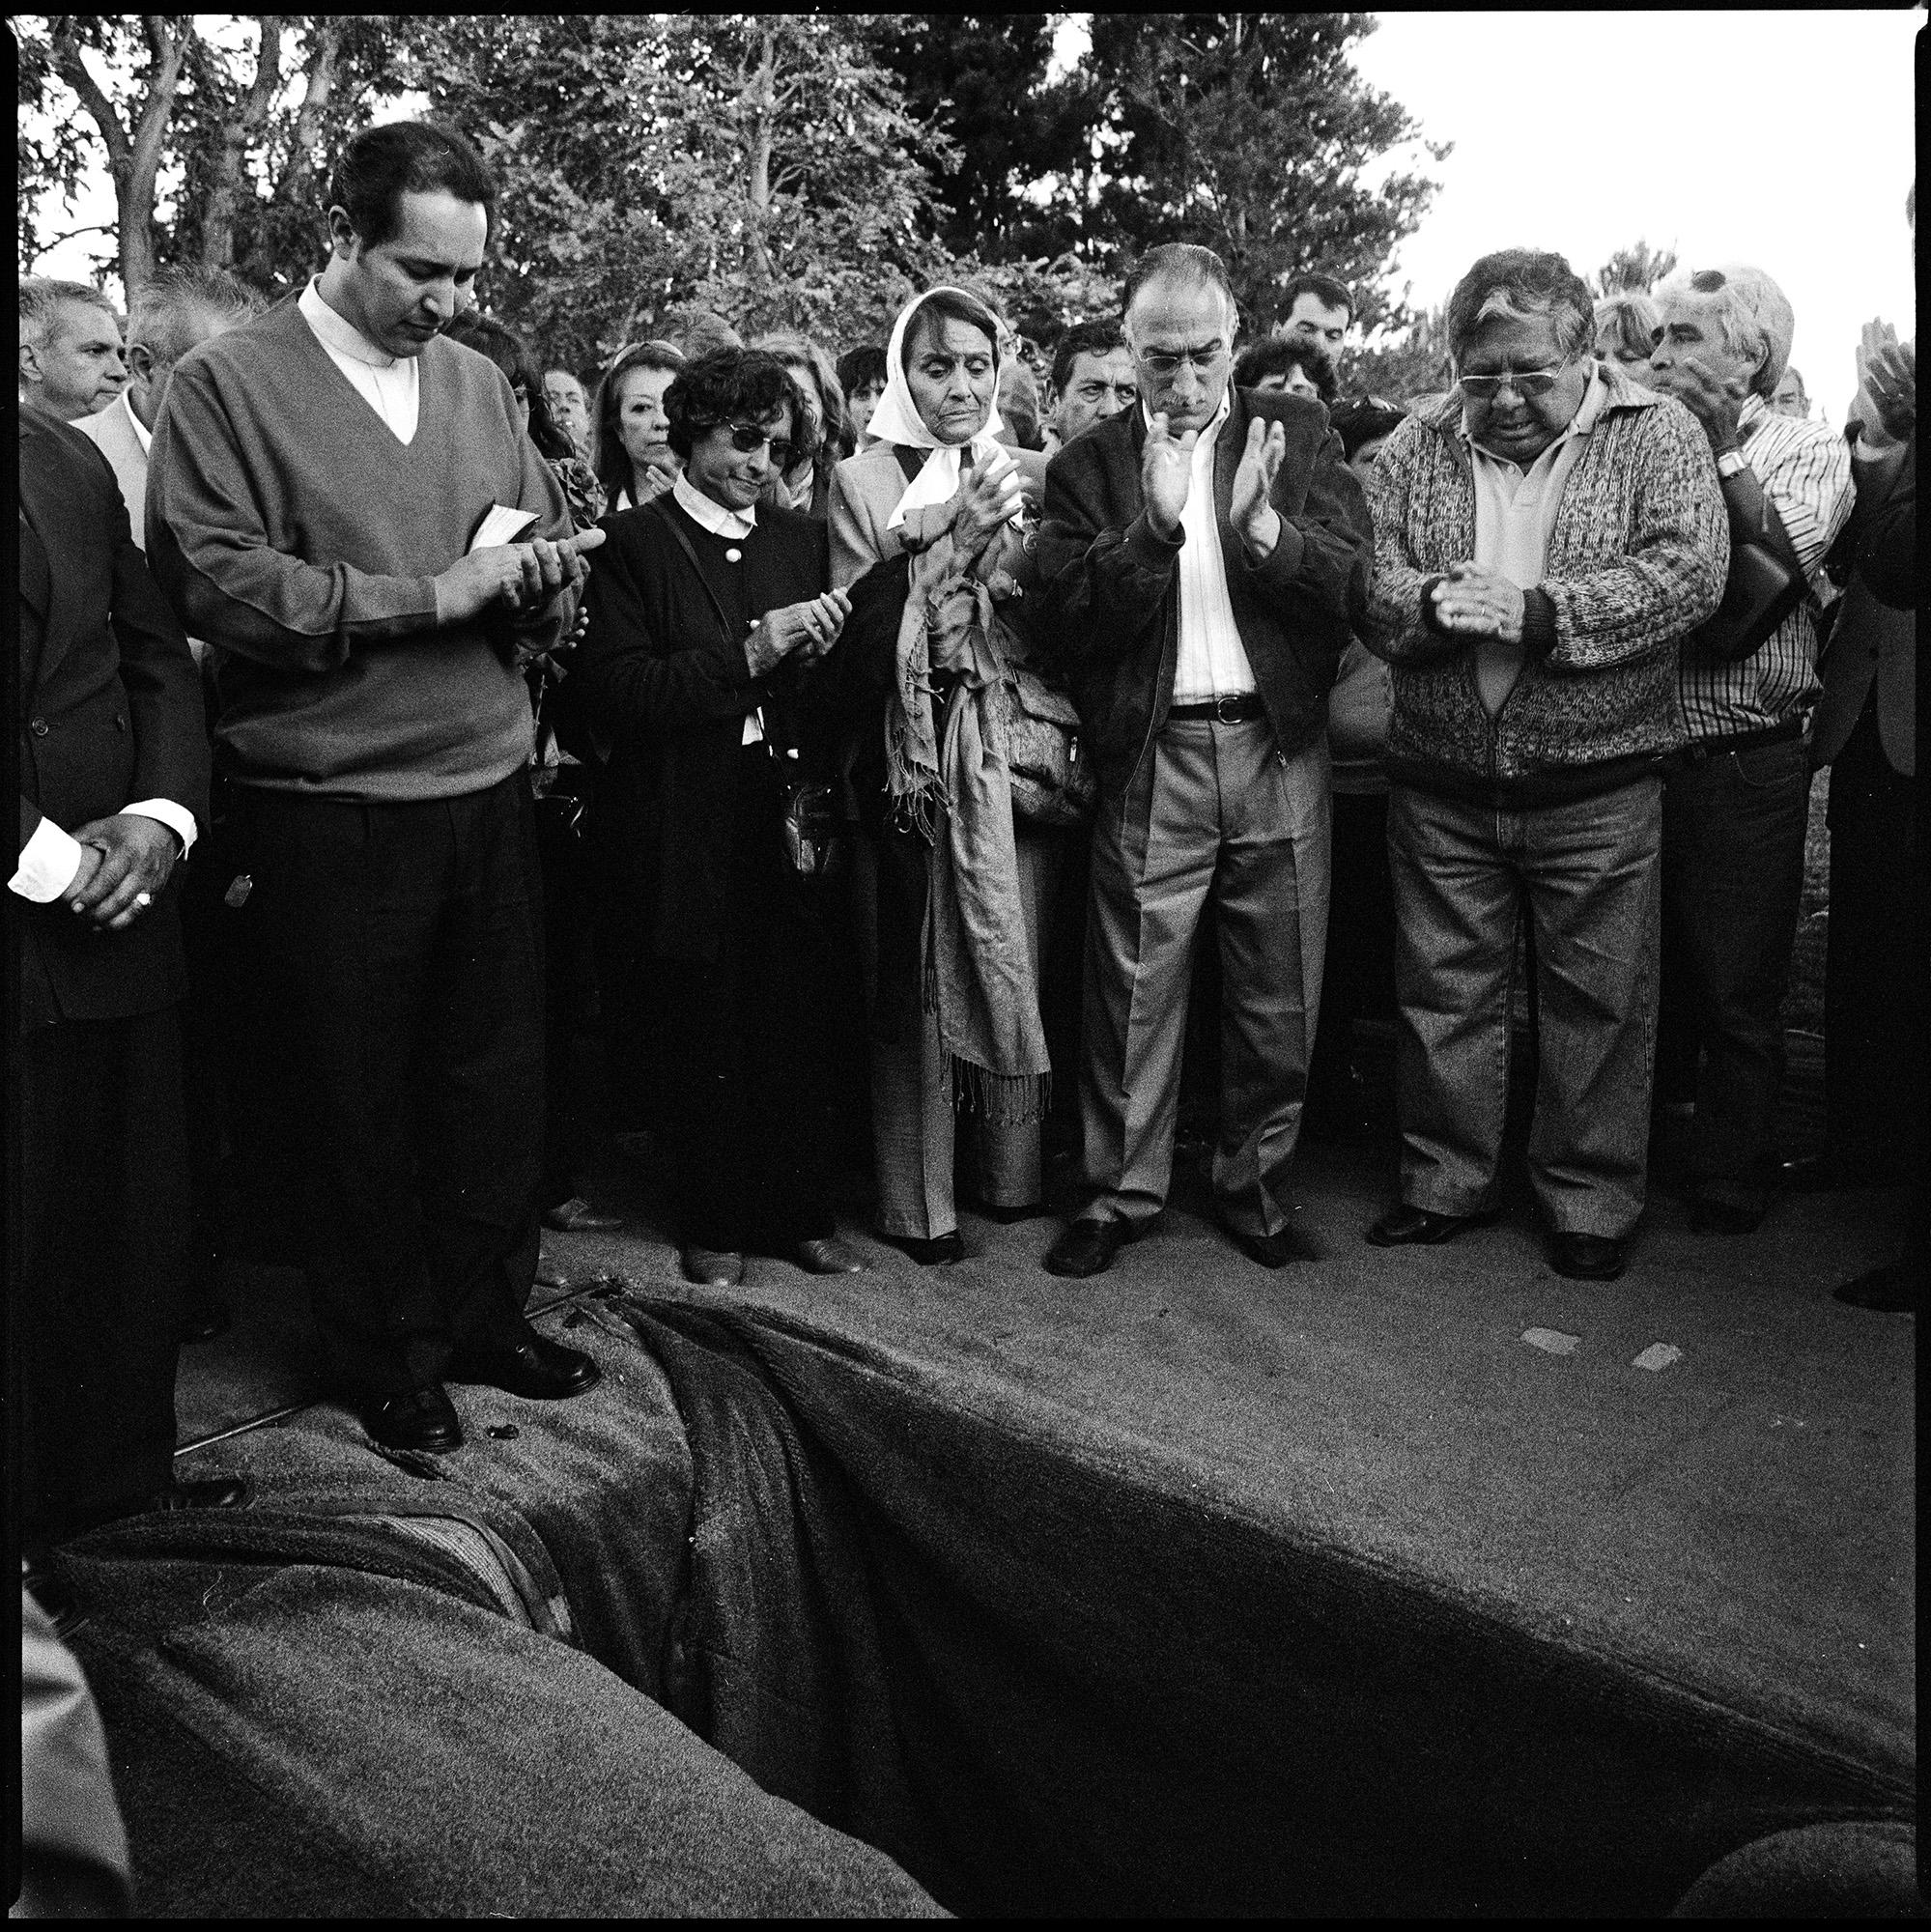 Funeral de Horacio Bau, militante de izquierda montonero oriundo de Trelew, asesinado en La Plata en 1977. Sus restos fueron hallados enterrados como NN en el cementerio de La Plata e identificados por el Equipo Argentino de Antropología Forense.  La ceremonia tuvo lugar en Trelew en noviembre de 2007.